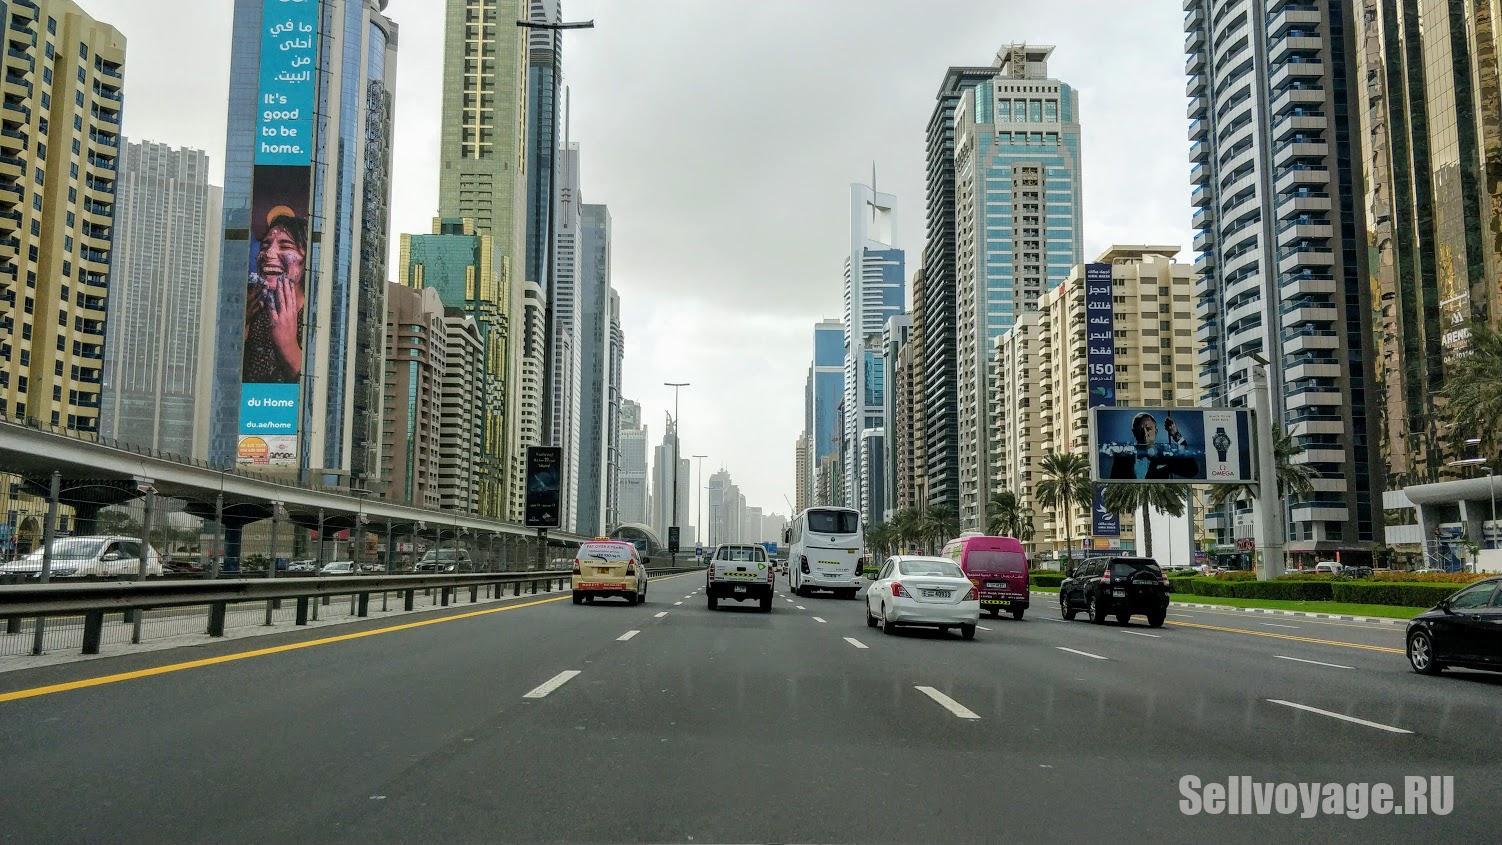 Главная магистраль города Дубай